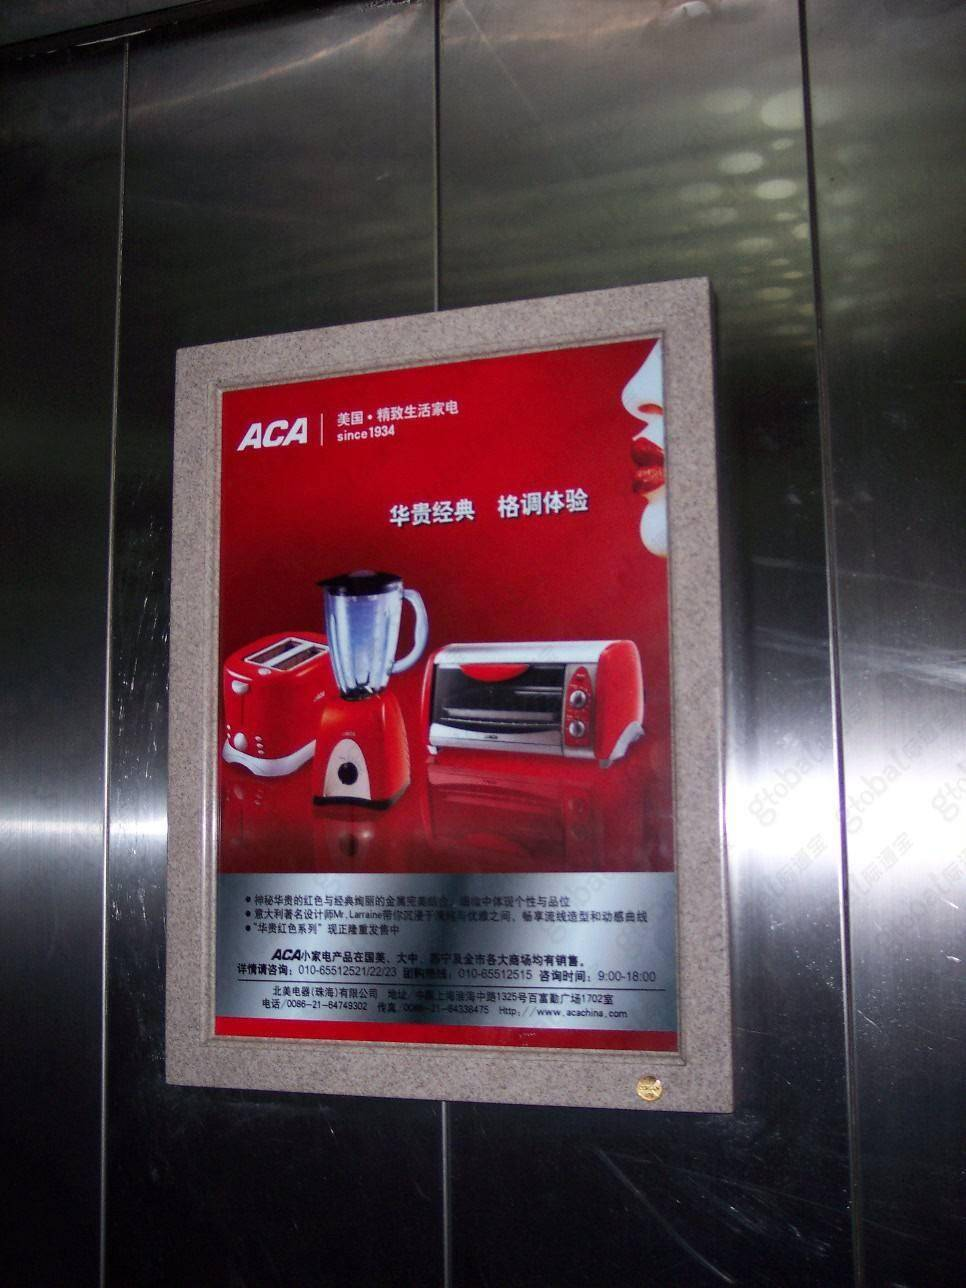 鞍山电梯广告公司广告牌框架3.0投放(100框起投)